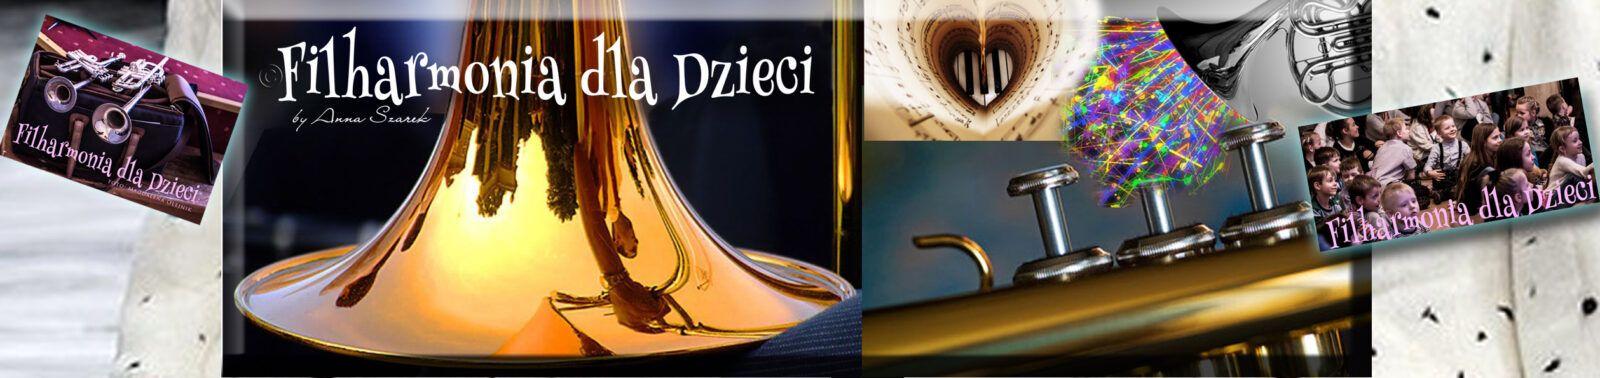 KROL-i-JAZZ-koncerty-dla-dzieci- palac-w-wilanowie-filharmonia-dla-dzieci